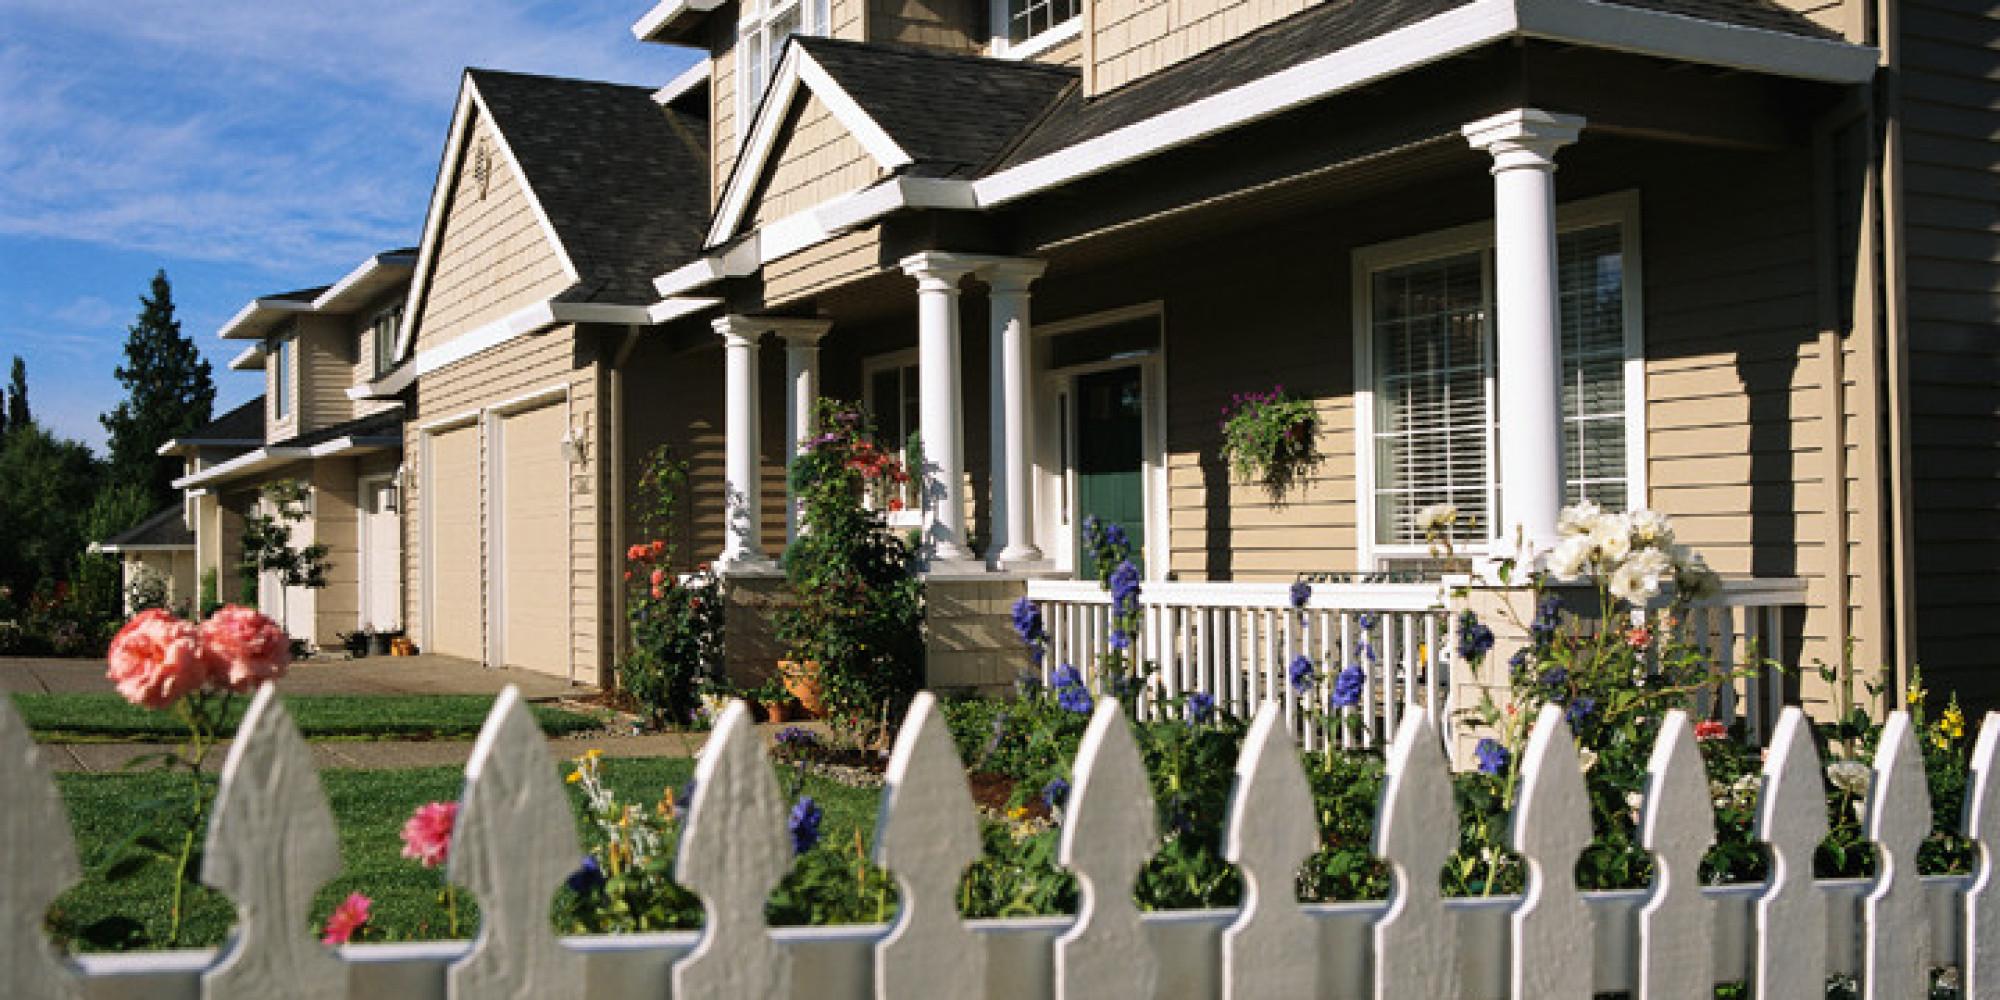 la chute du prix du p trole aura un impact sur l 39 immobilier au canada. Black Bedroom Furniture Sets. Home Design Ideas